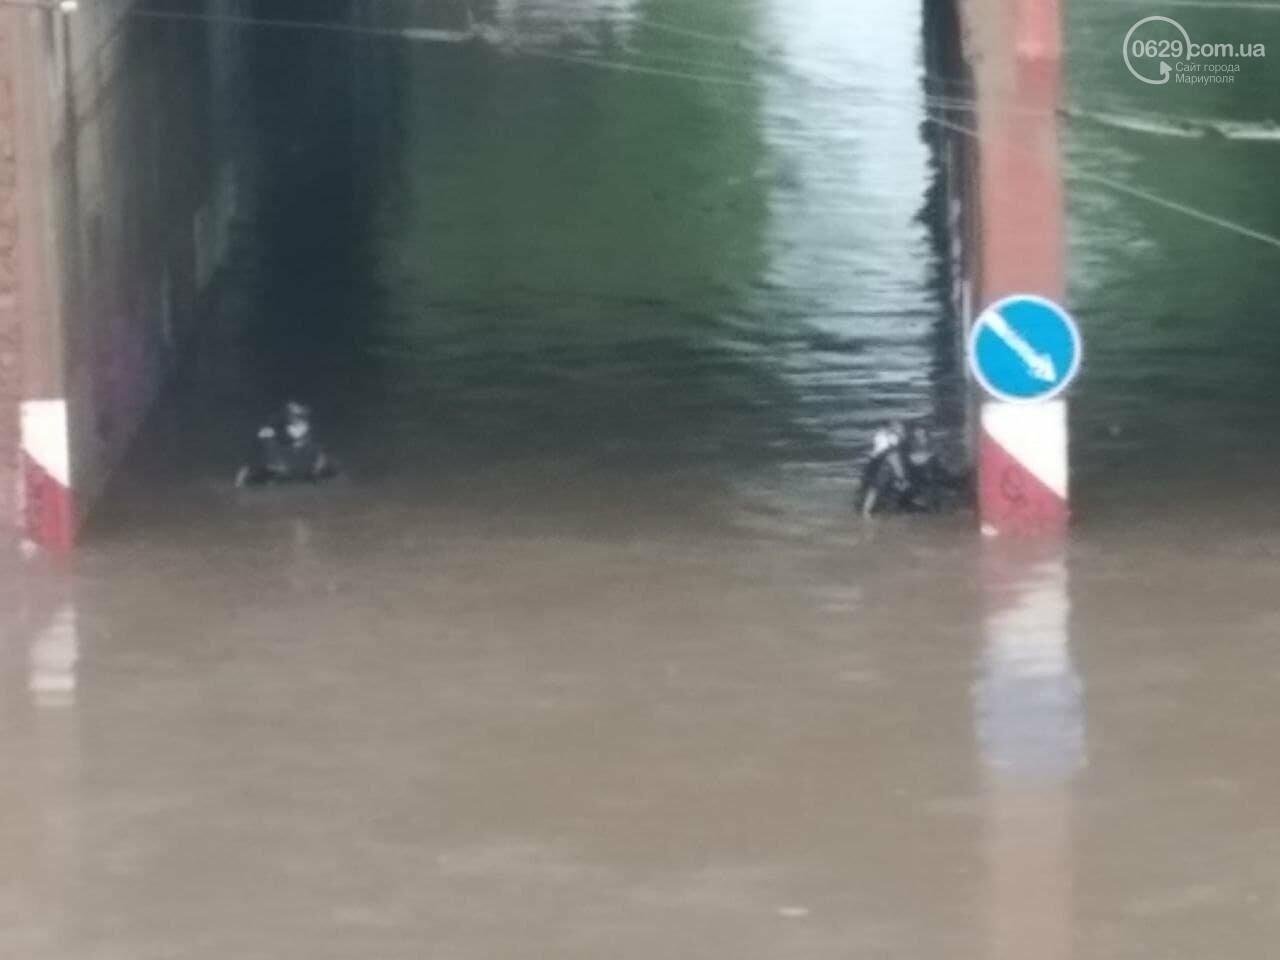 Потоп на улице Громовой. Водолазы опускаются на дно искусственного озера, - ФОТО, ВИДЕО, фото-8